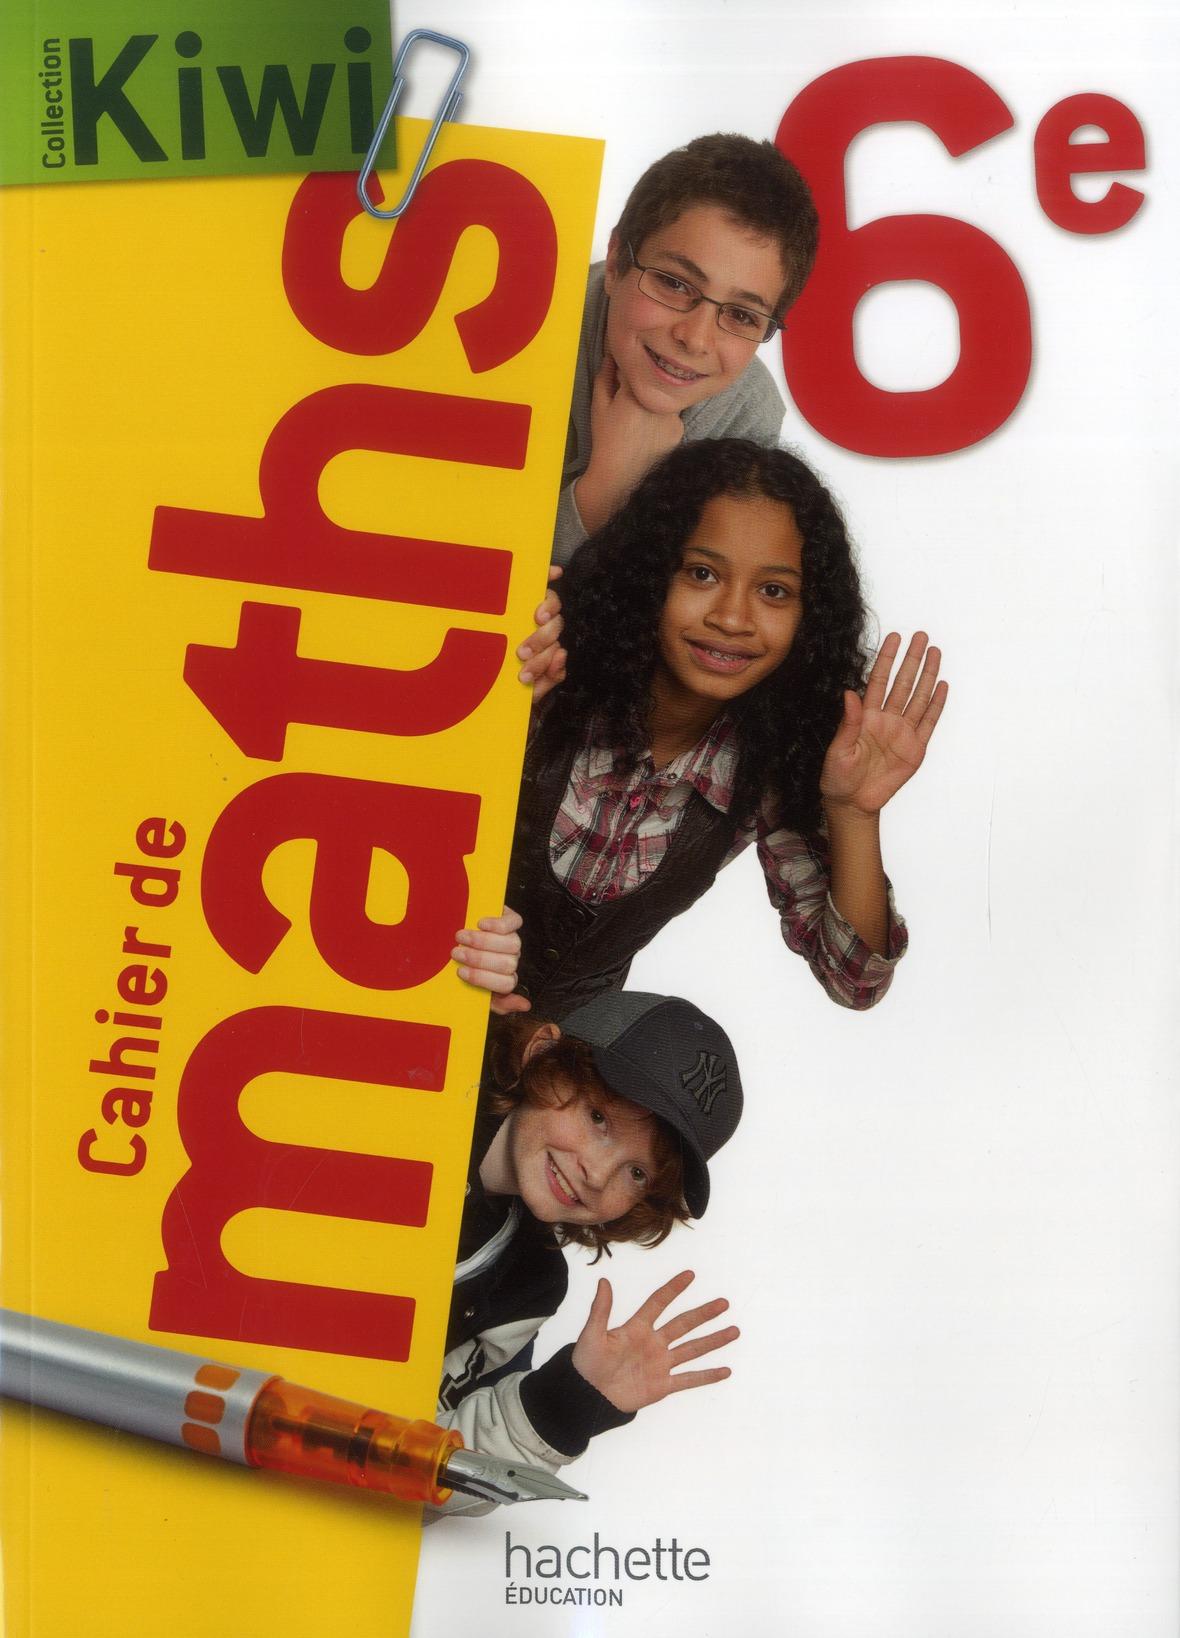 CAHIER DE MATHS KIWI 6E - EDITION 2013